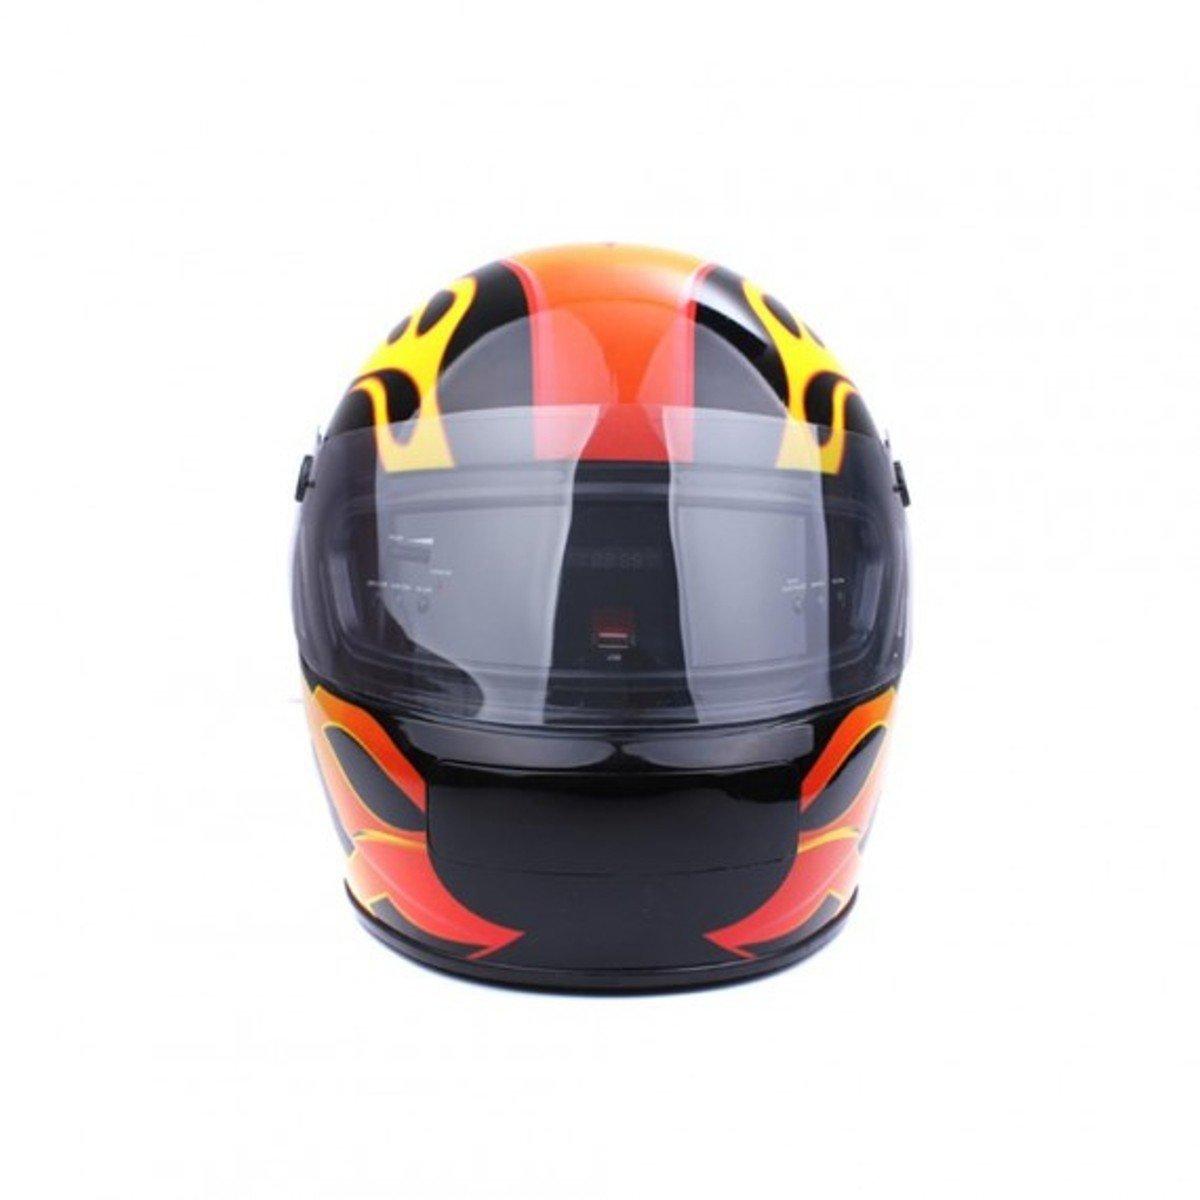 頭盔型音響組合 - 烈火戰車 - 黒